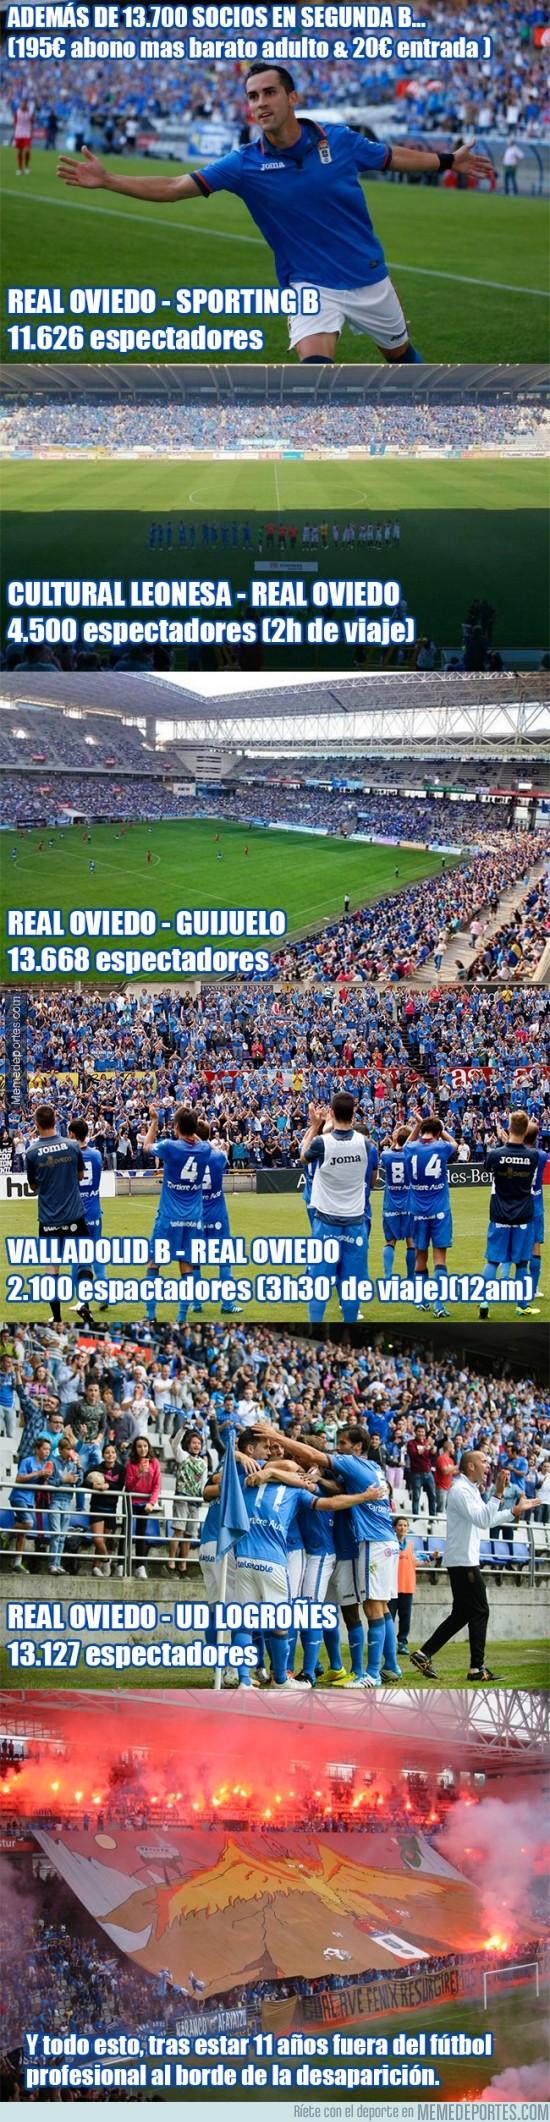 396398 - Asistencia a partidos del @RealOviedo esta temporada